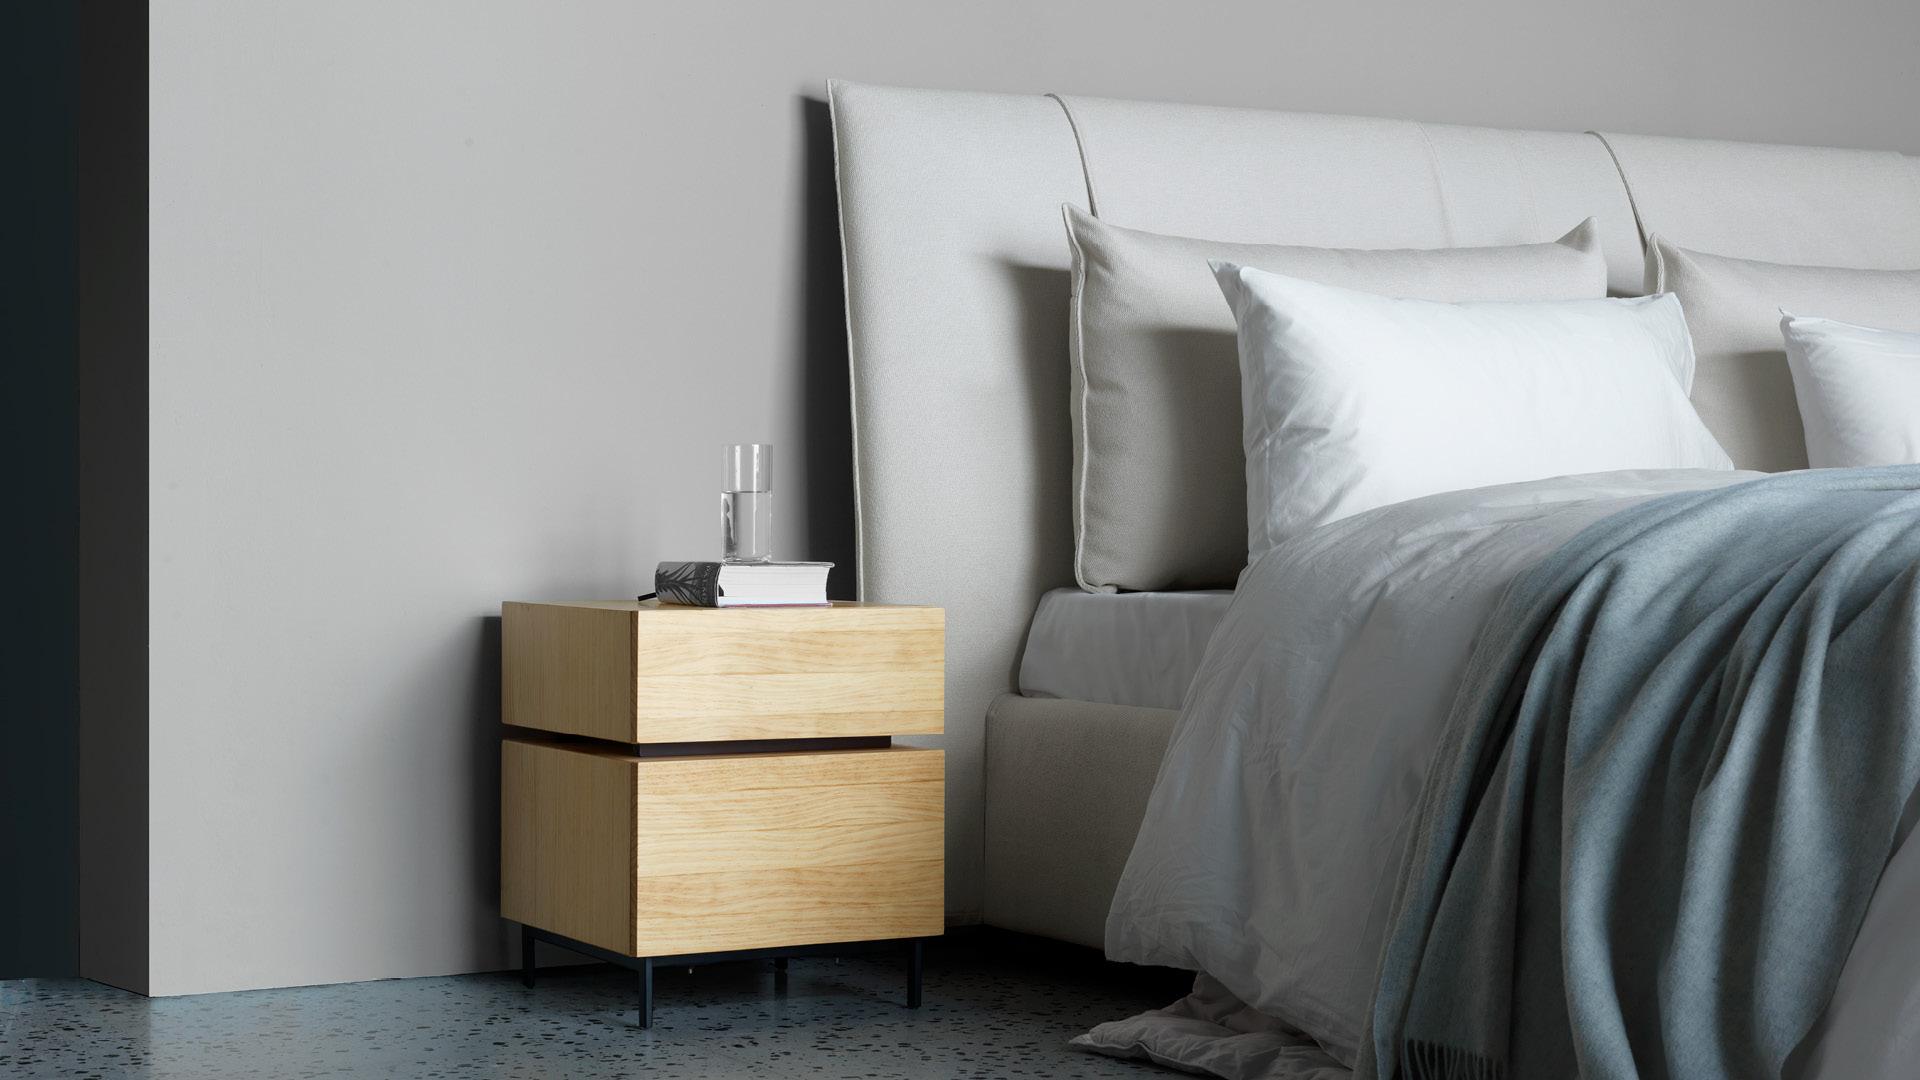 天然木色,中和卧室冷调